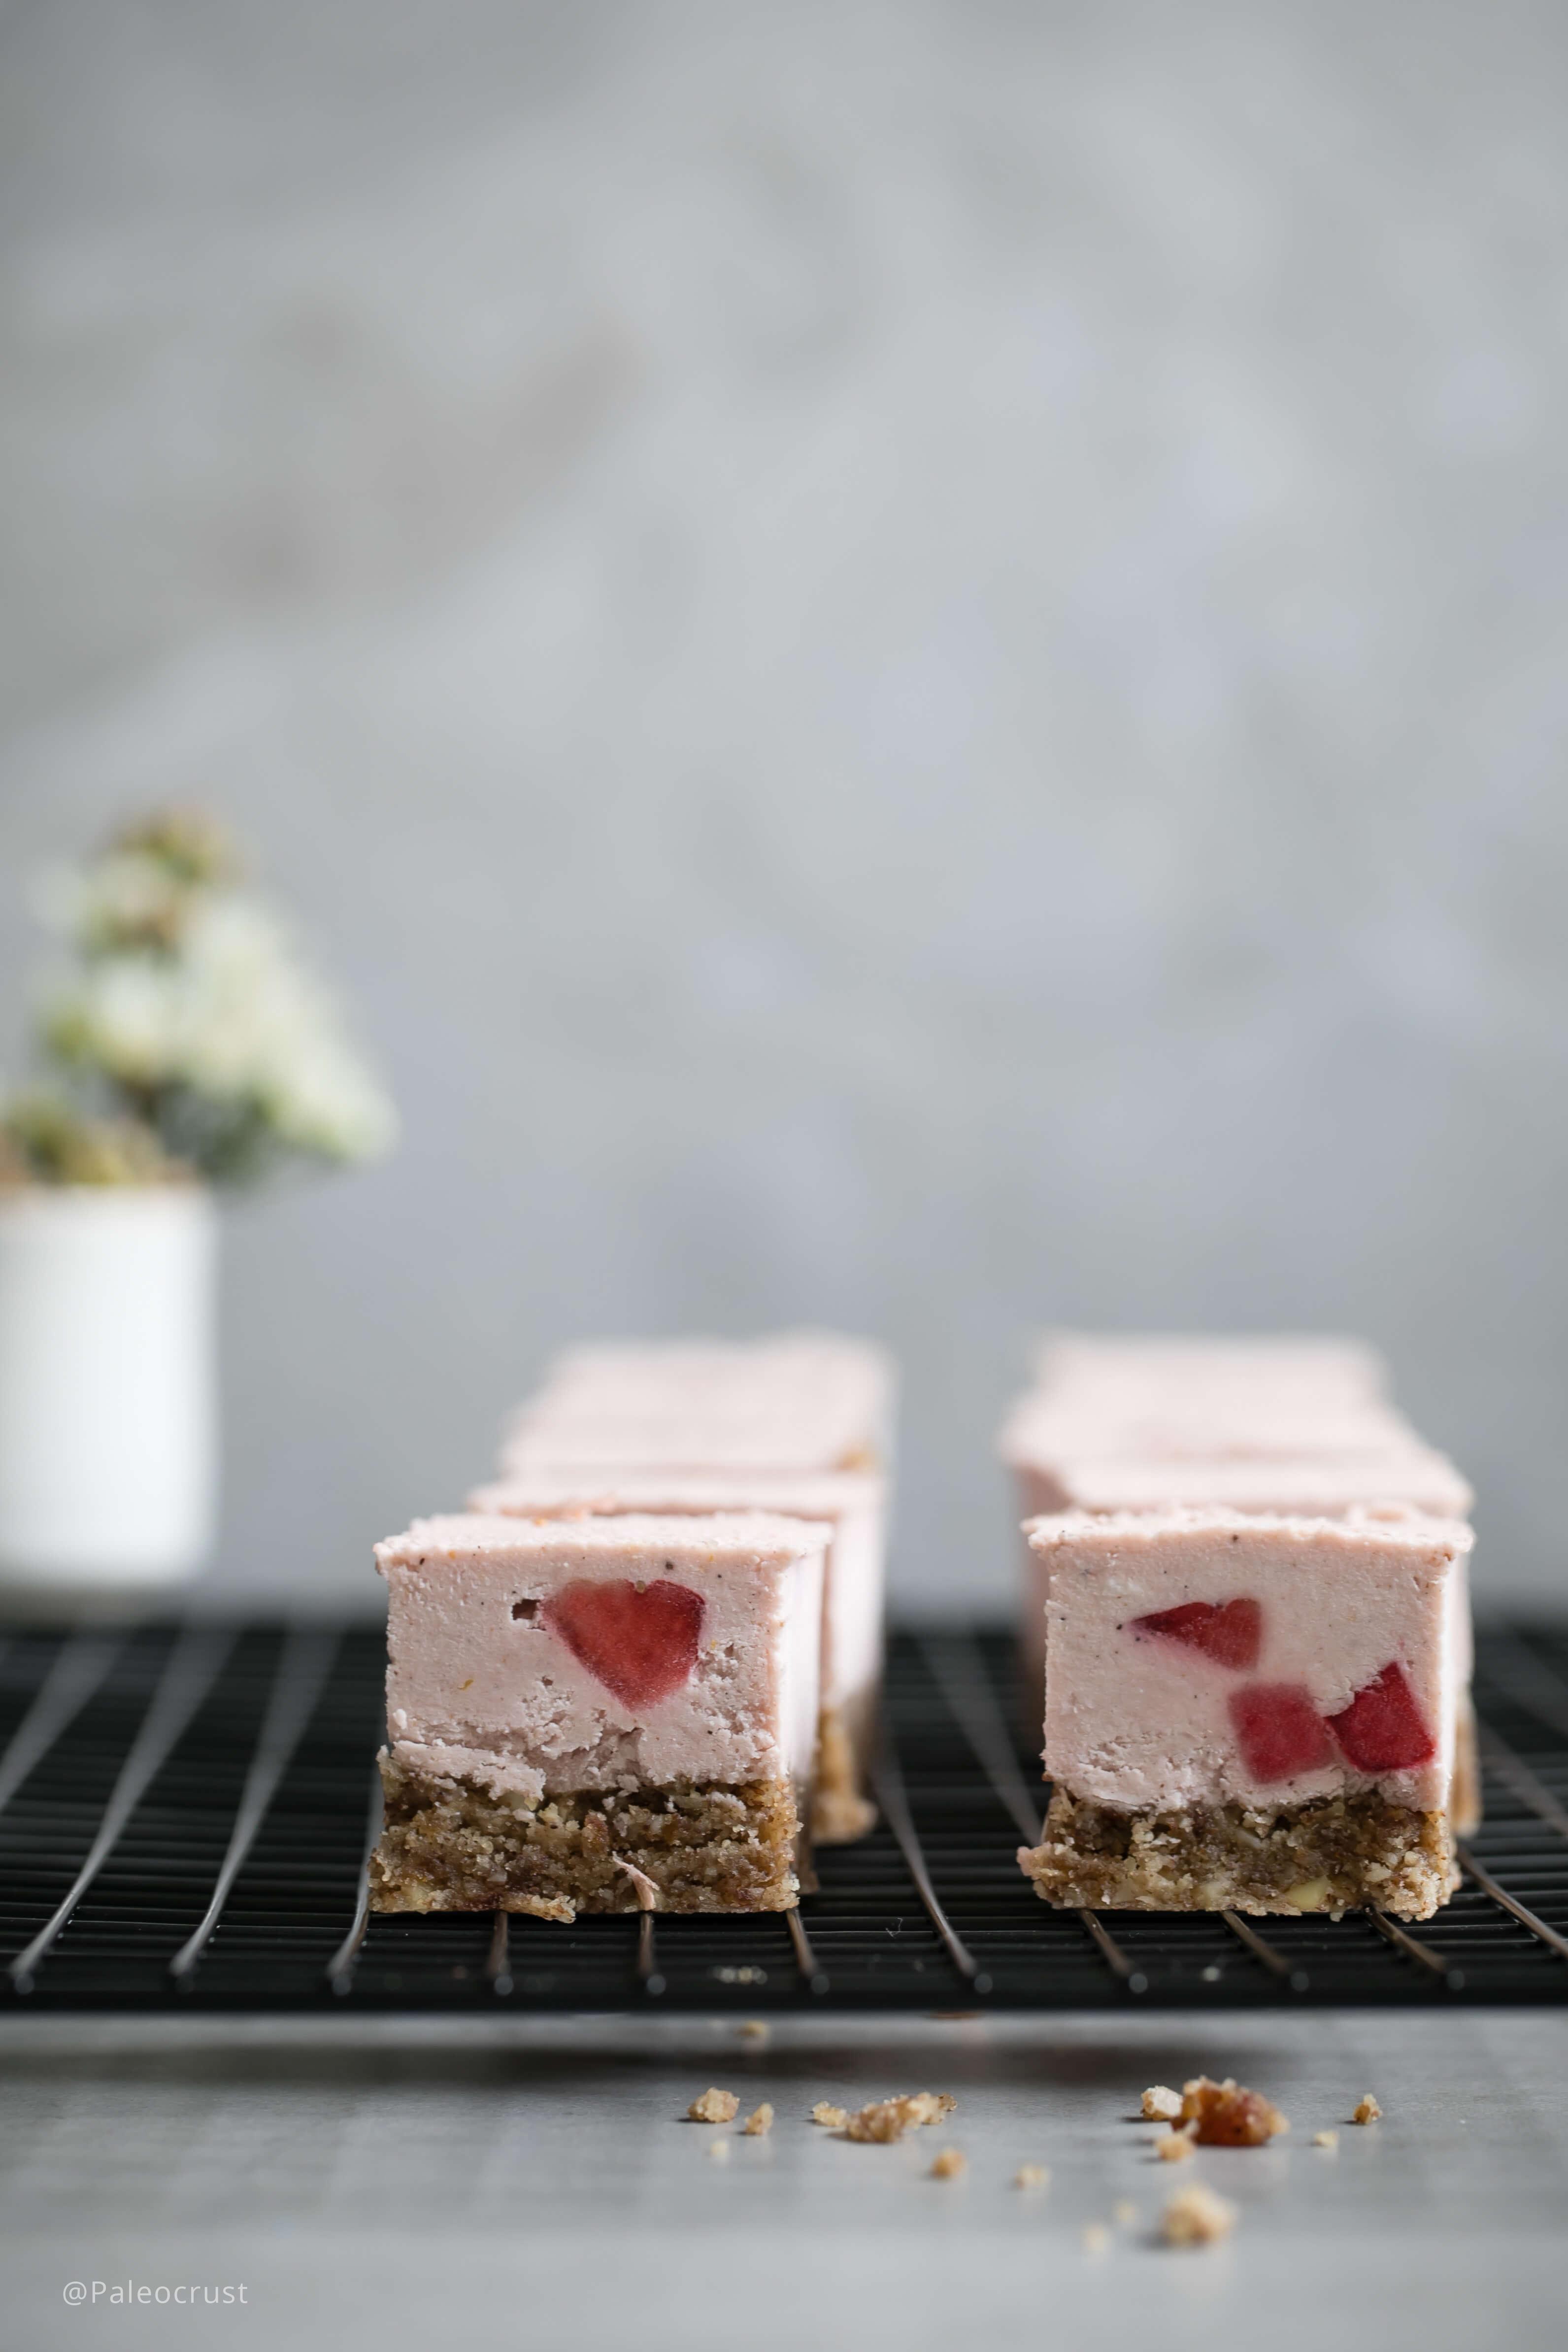 raw cake, sugar free cheesecake, Paleo cheesecake, Paleo Crust, Keto recipes, Paleo recipes, Sugar free recipes, Strawberry cheesecake, raw cheesecake